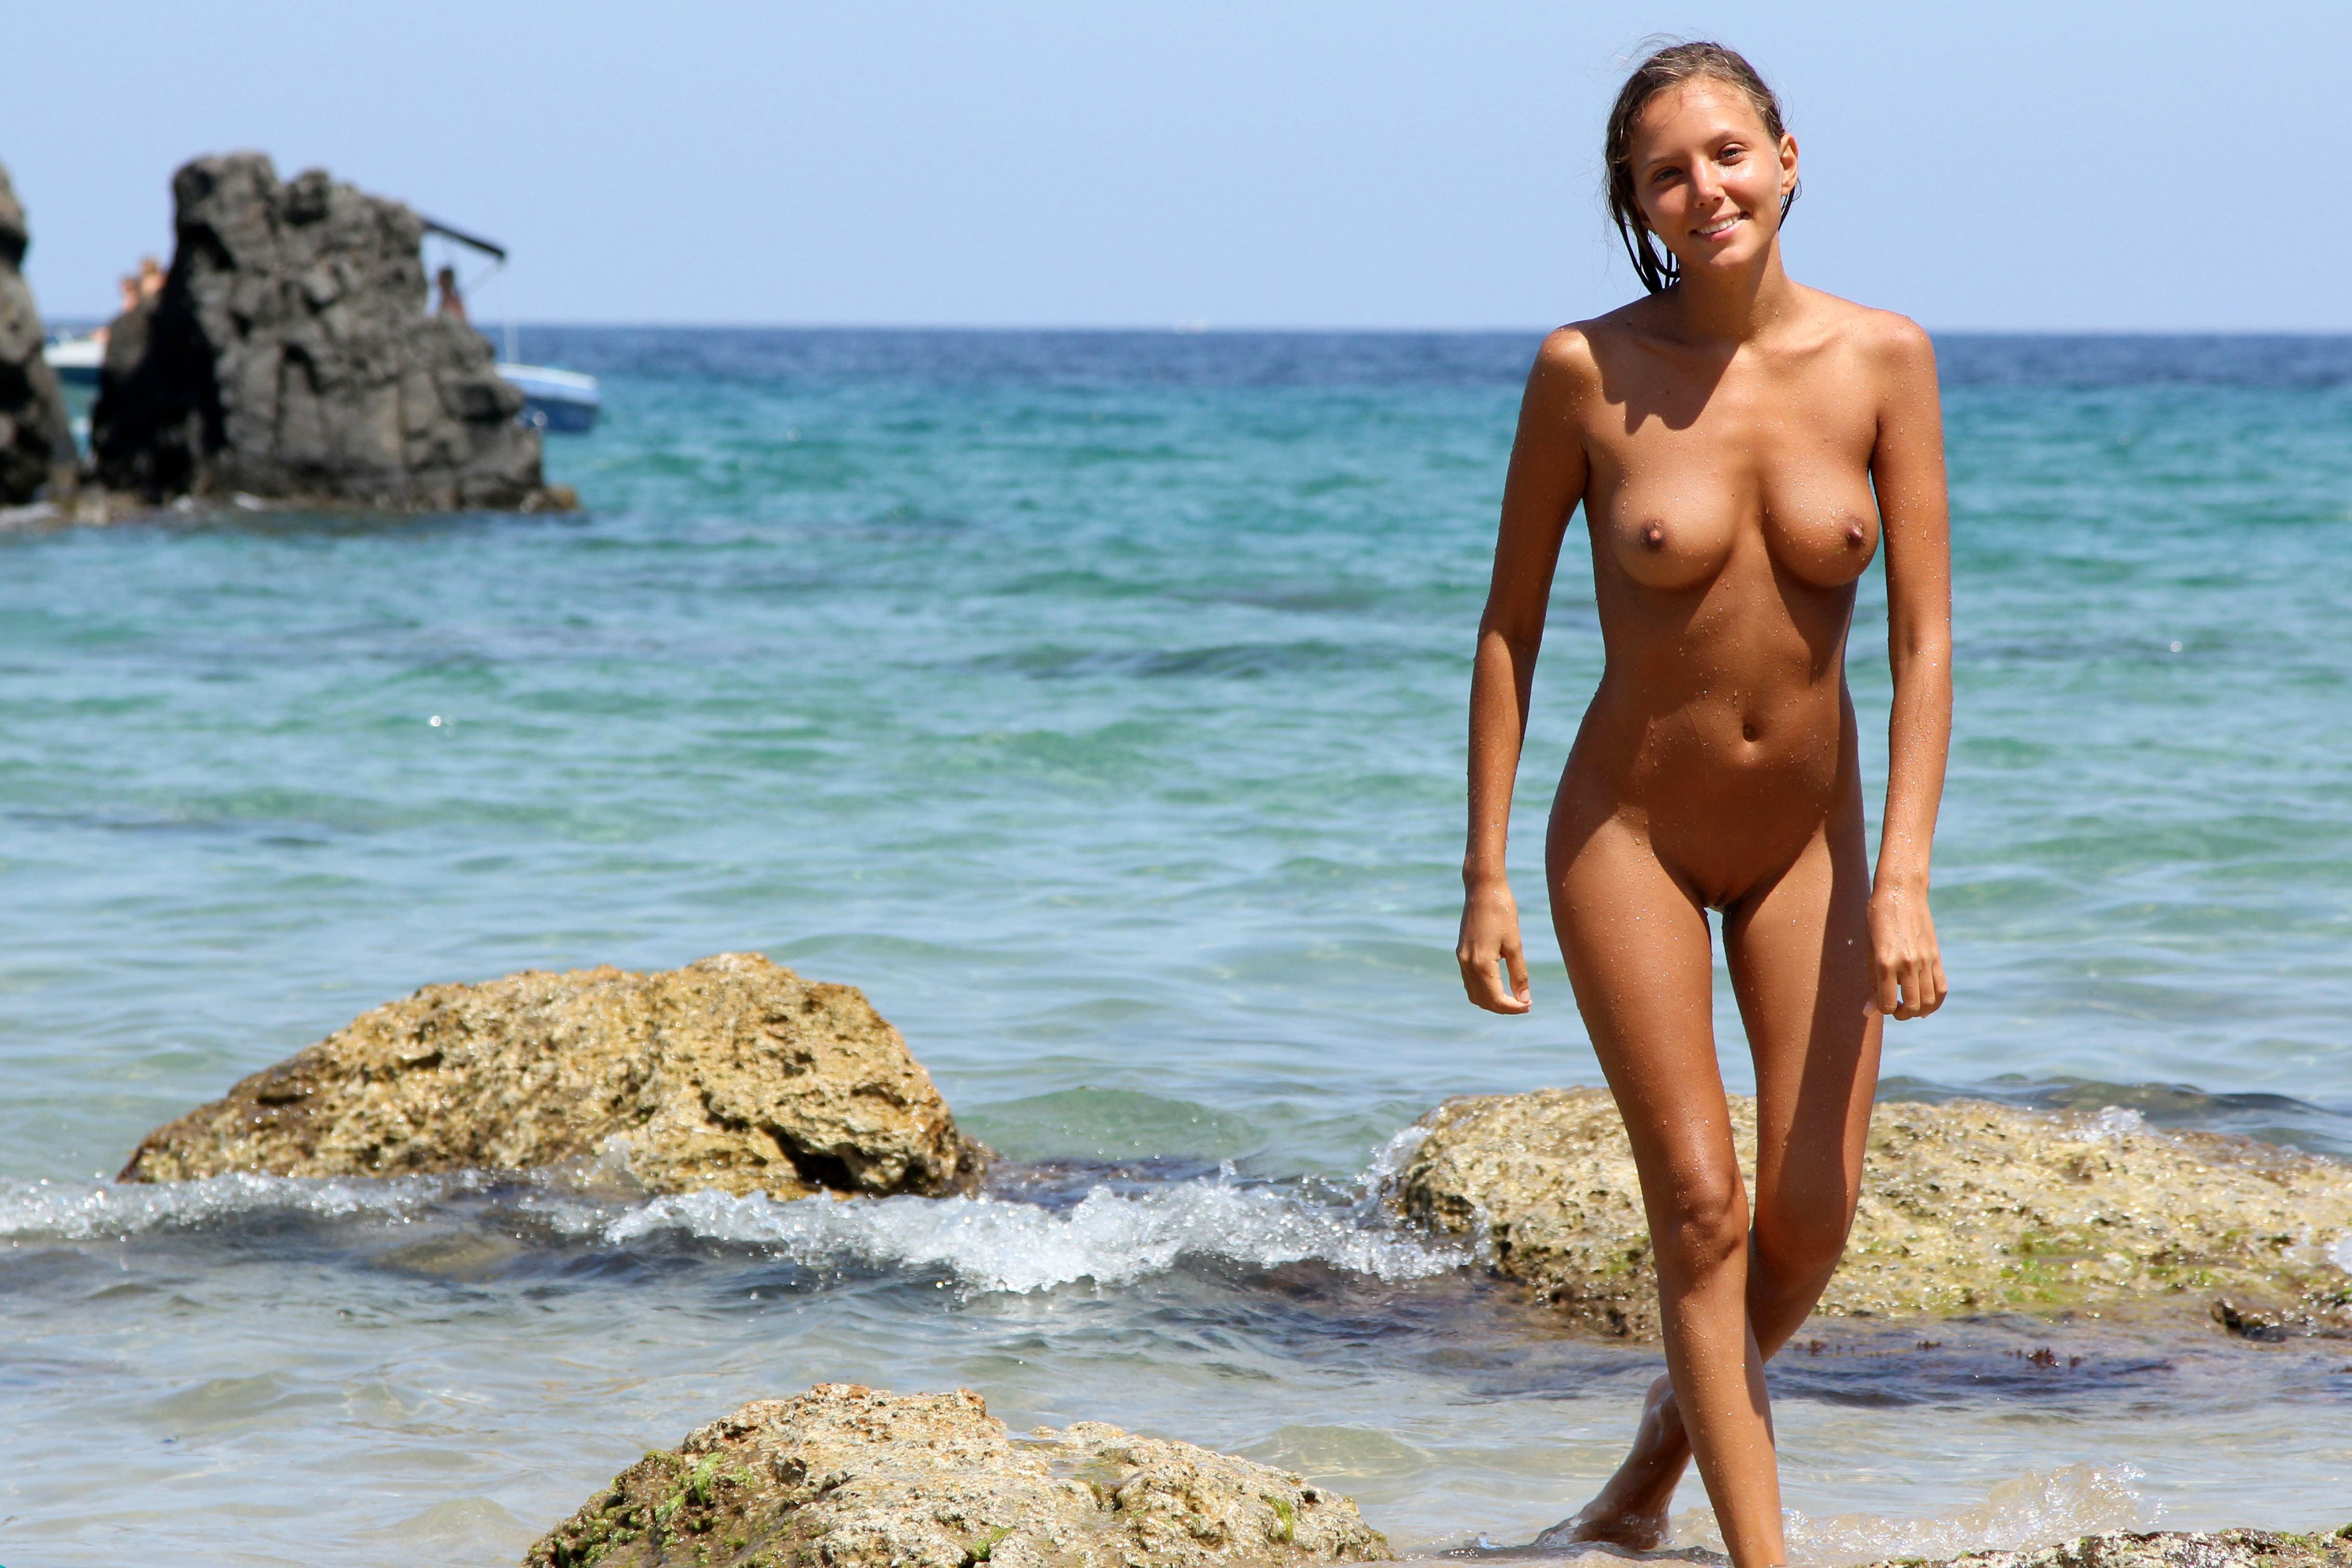 Фото Загорелая голая девушка гуляет вдоль моря, улыбка, сексуальное тело, скачать картинку бесплатно